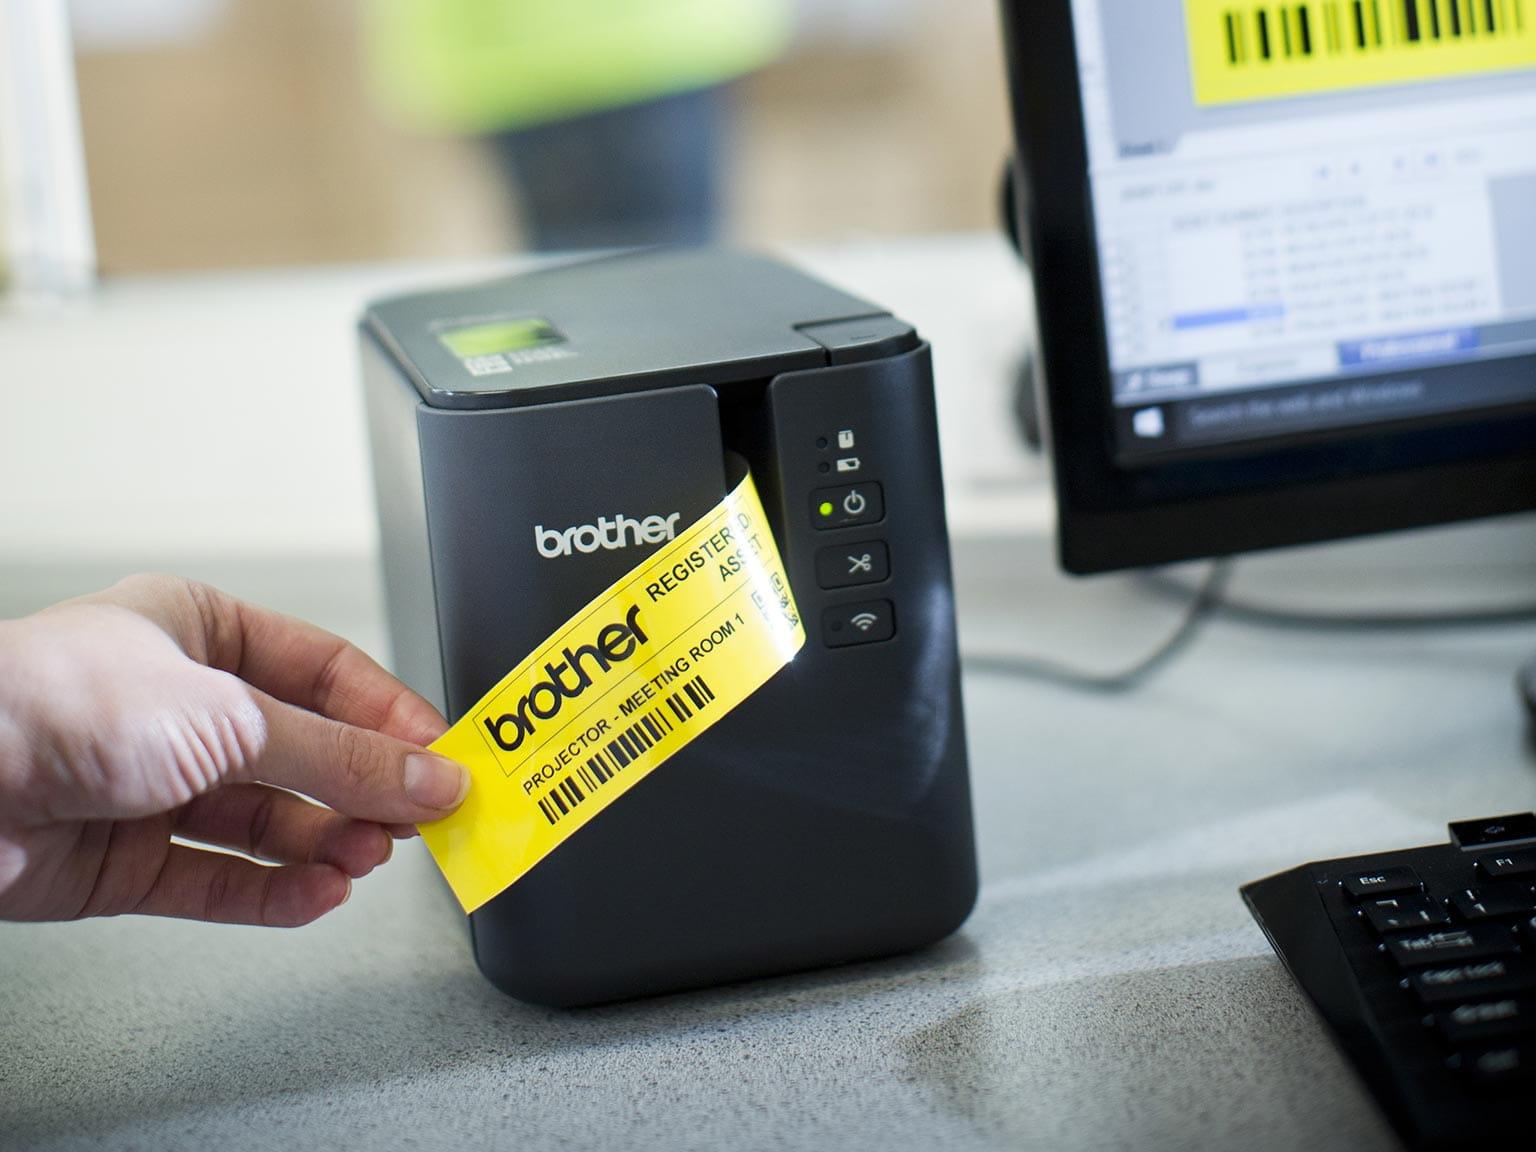 Brother P-touch P900W naljepnica s žutom naljepnicom koja se ispisuje putem računala